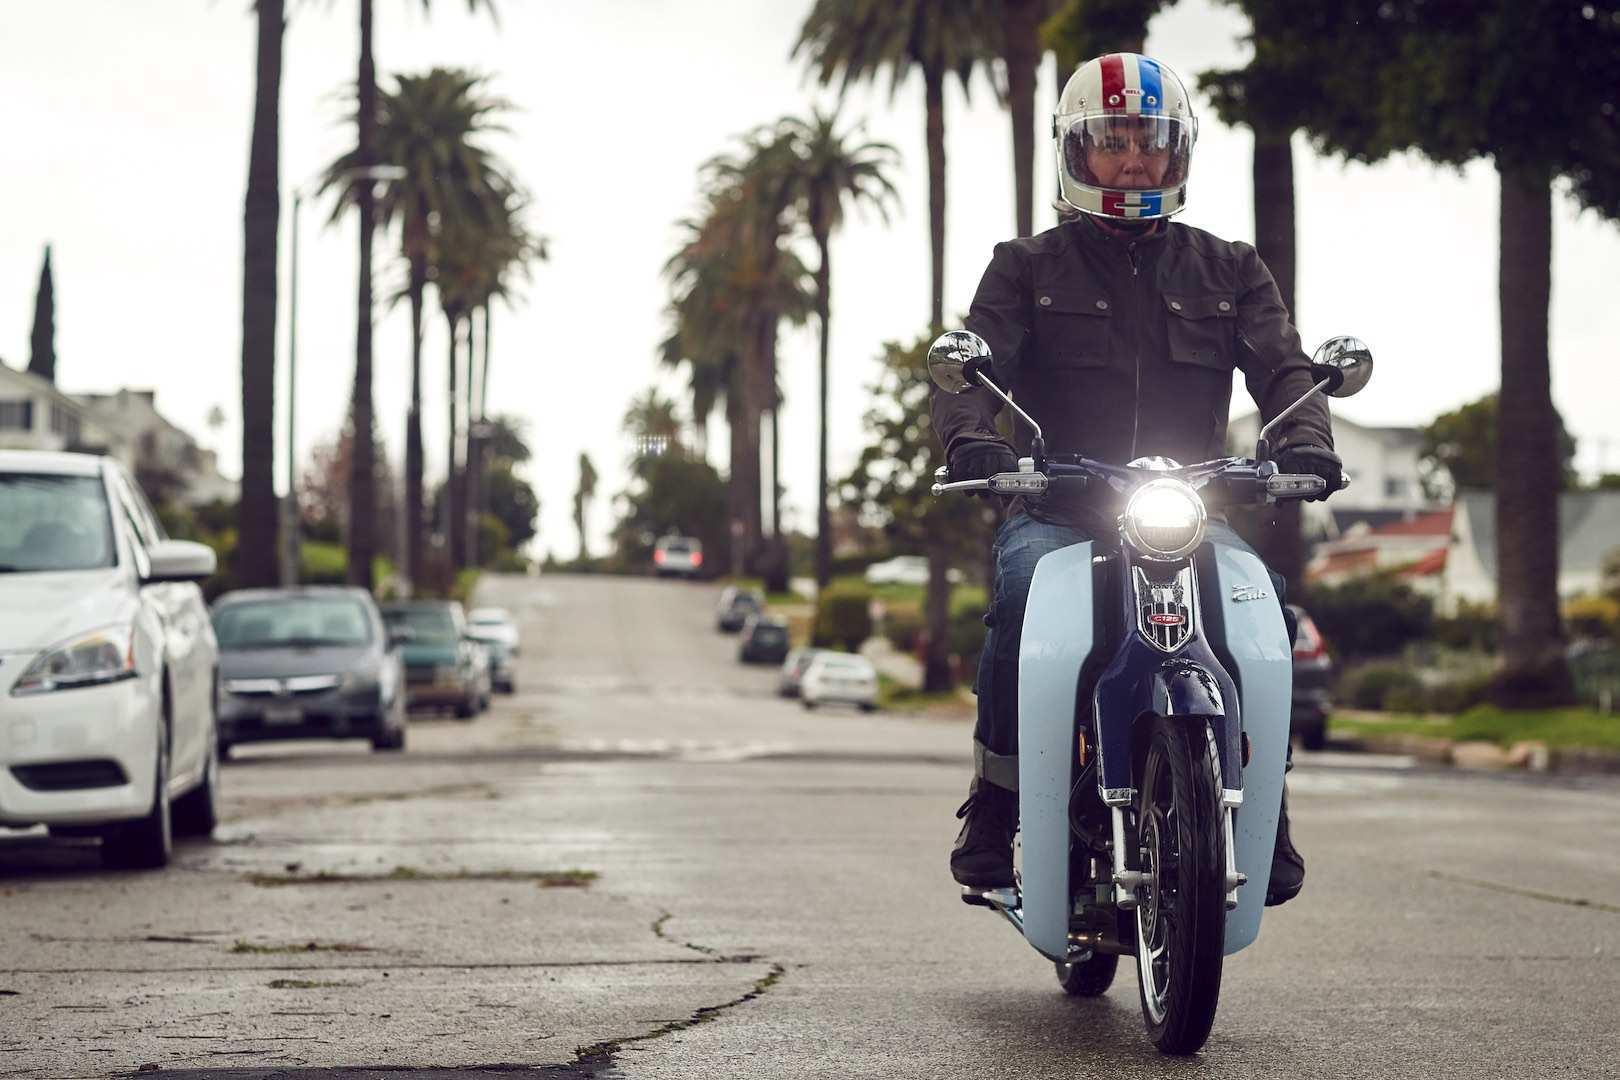 62 Great Honda Super Cub 2020 Research New for Honda Super Cub 2020